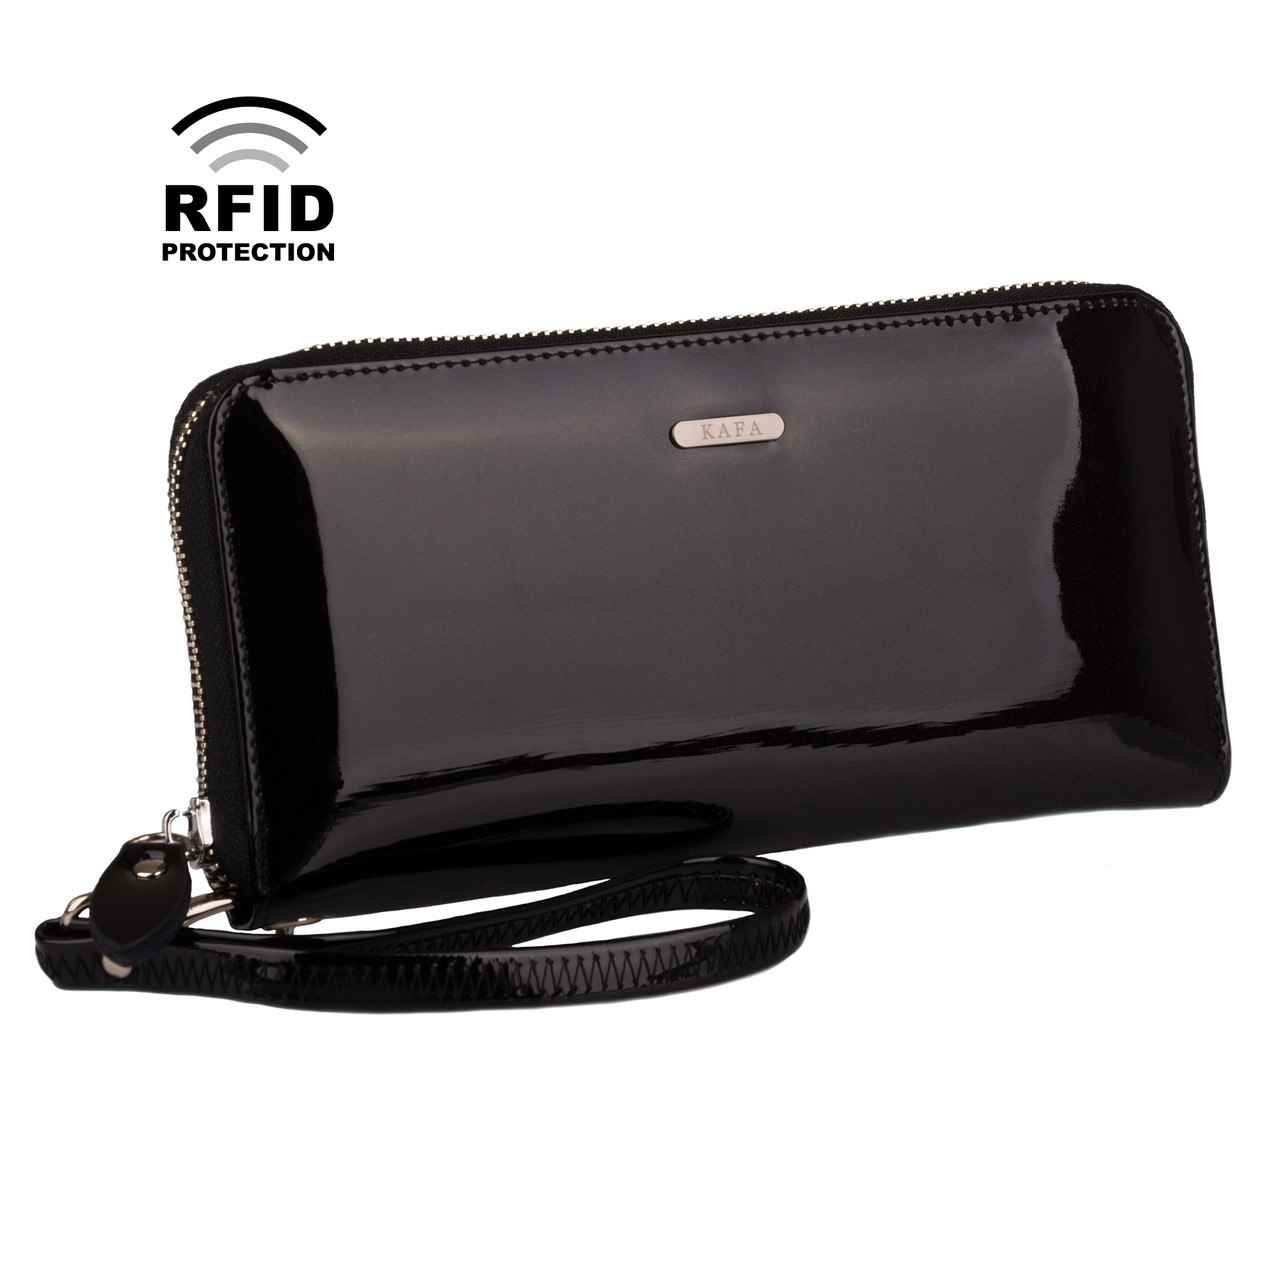 a5a1ab182ad3 Кошелек Женский Кожаный Лаковый Kafa с RFID Защитой (BC74 Black) — в ...